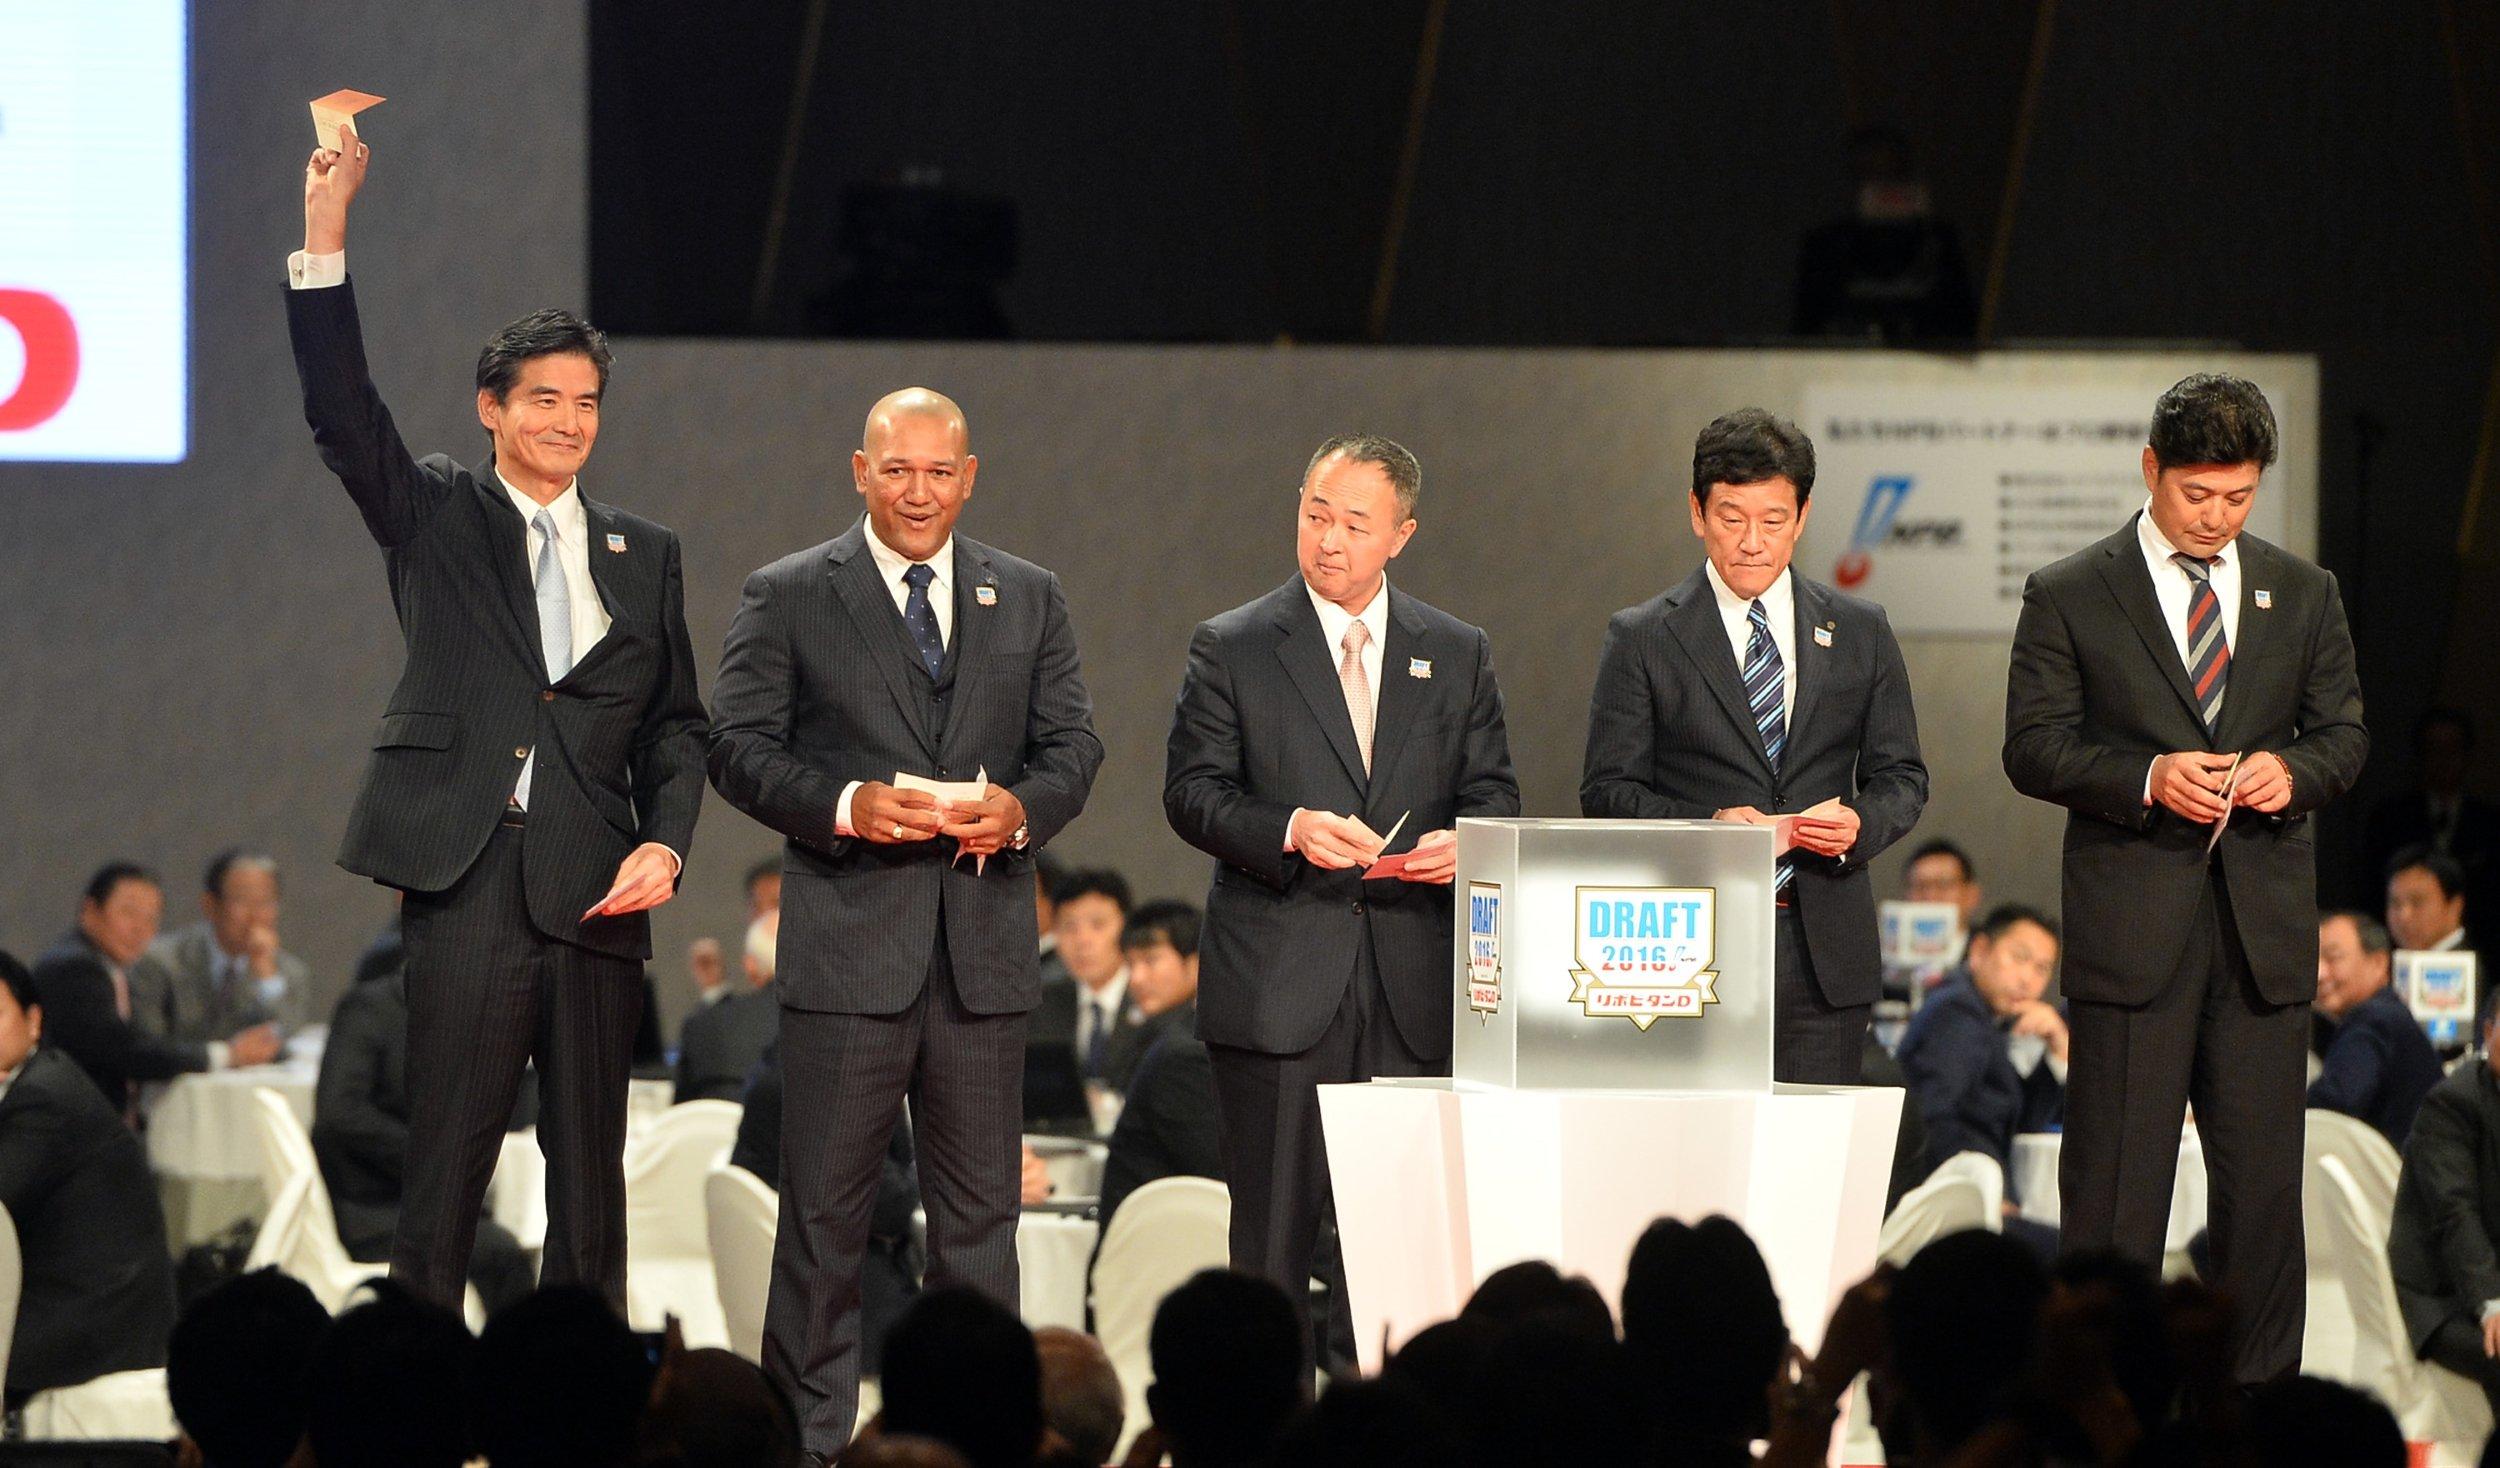 2016年ドラフト、交渉権を獲得して右手を上げるをロッテ・山室晋也球団社長 ©Sankei Shimbun